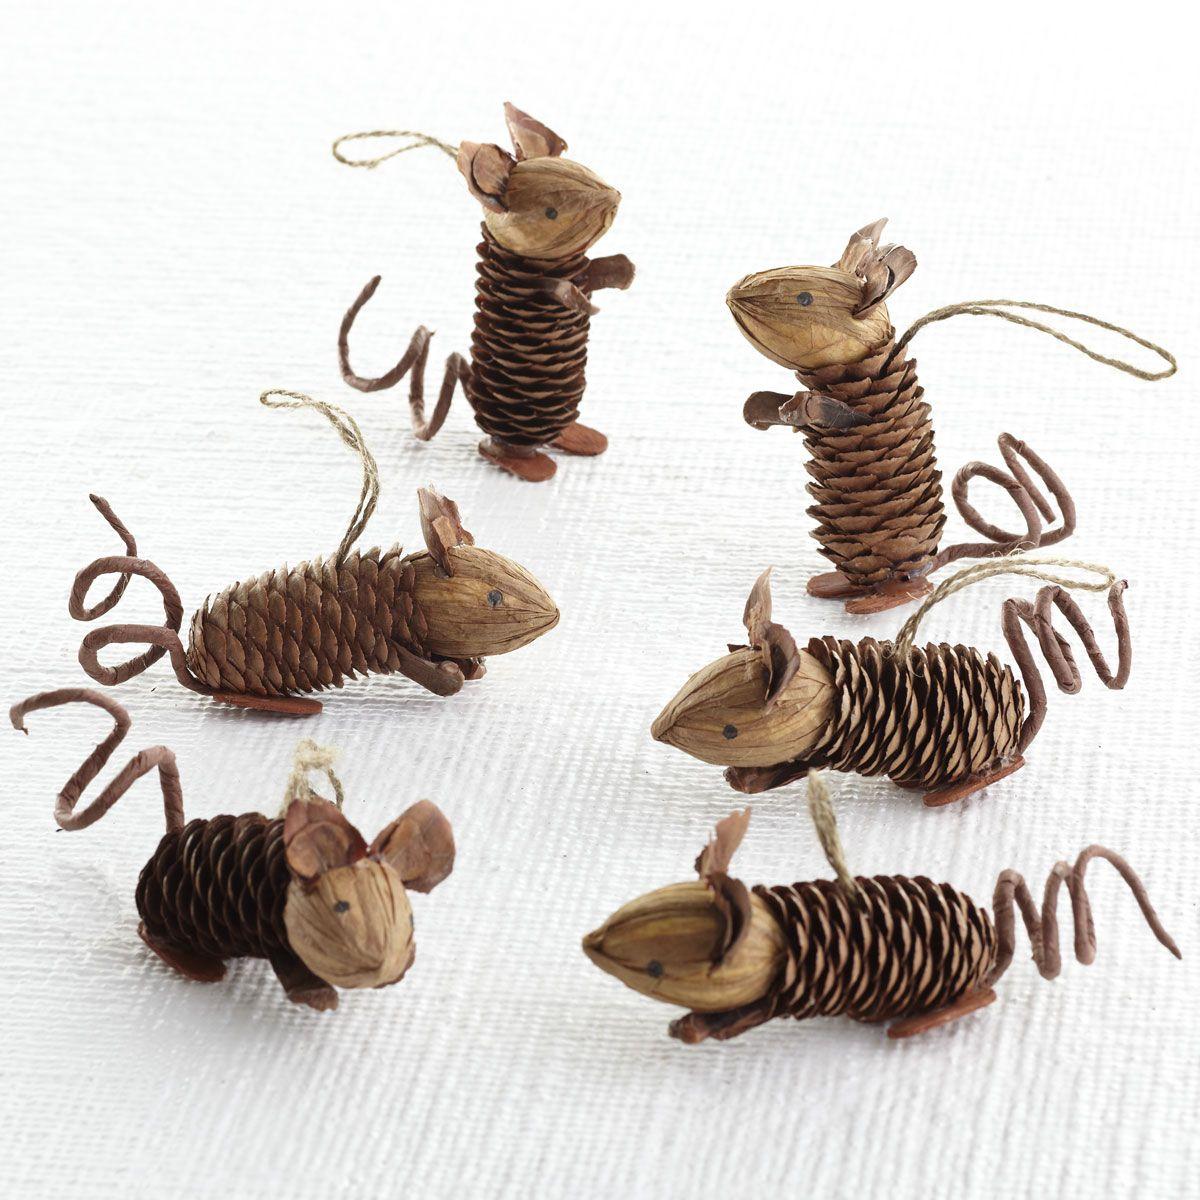 automne-hiver - souris avec cônes de conifères   art manuel